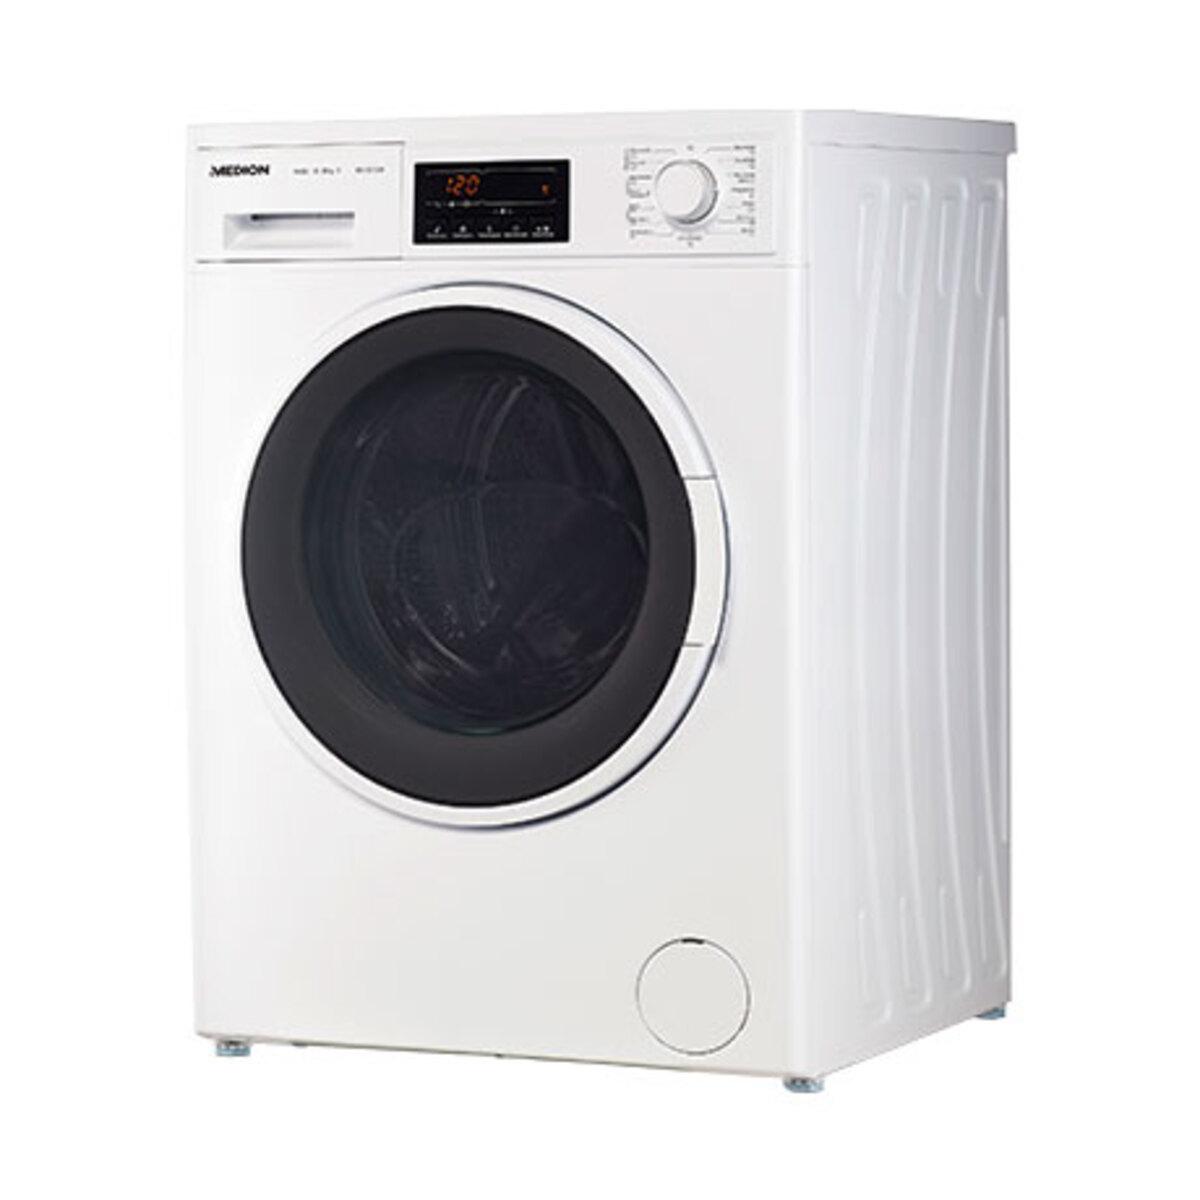 Bild 3 von MEDION®  Waschtrockner MD 37334